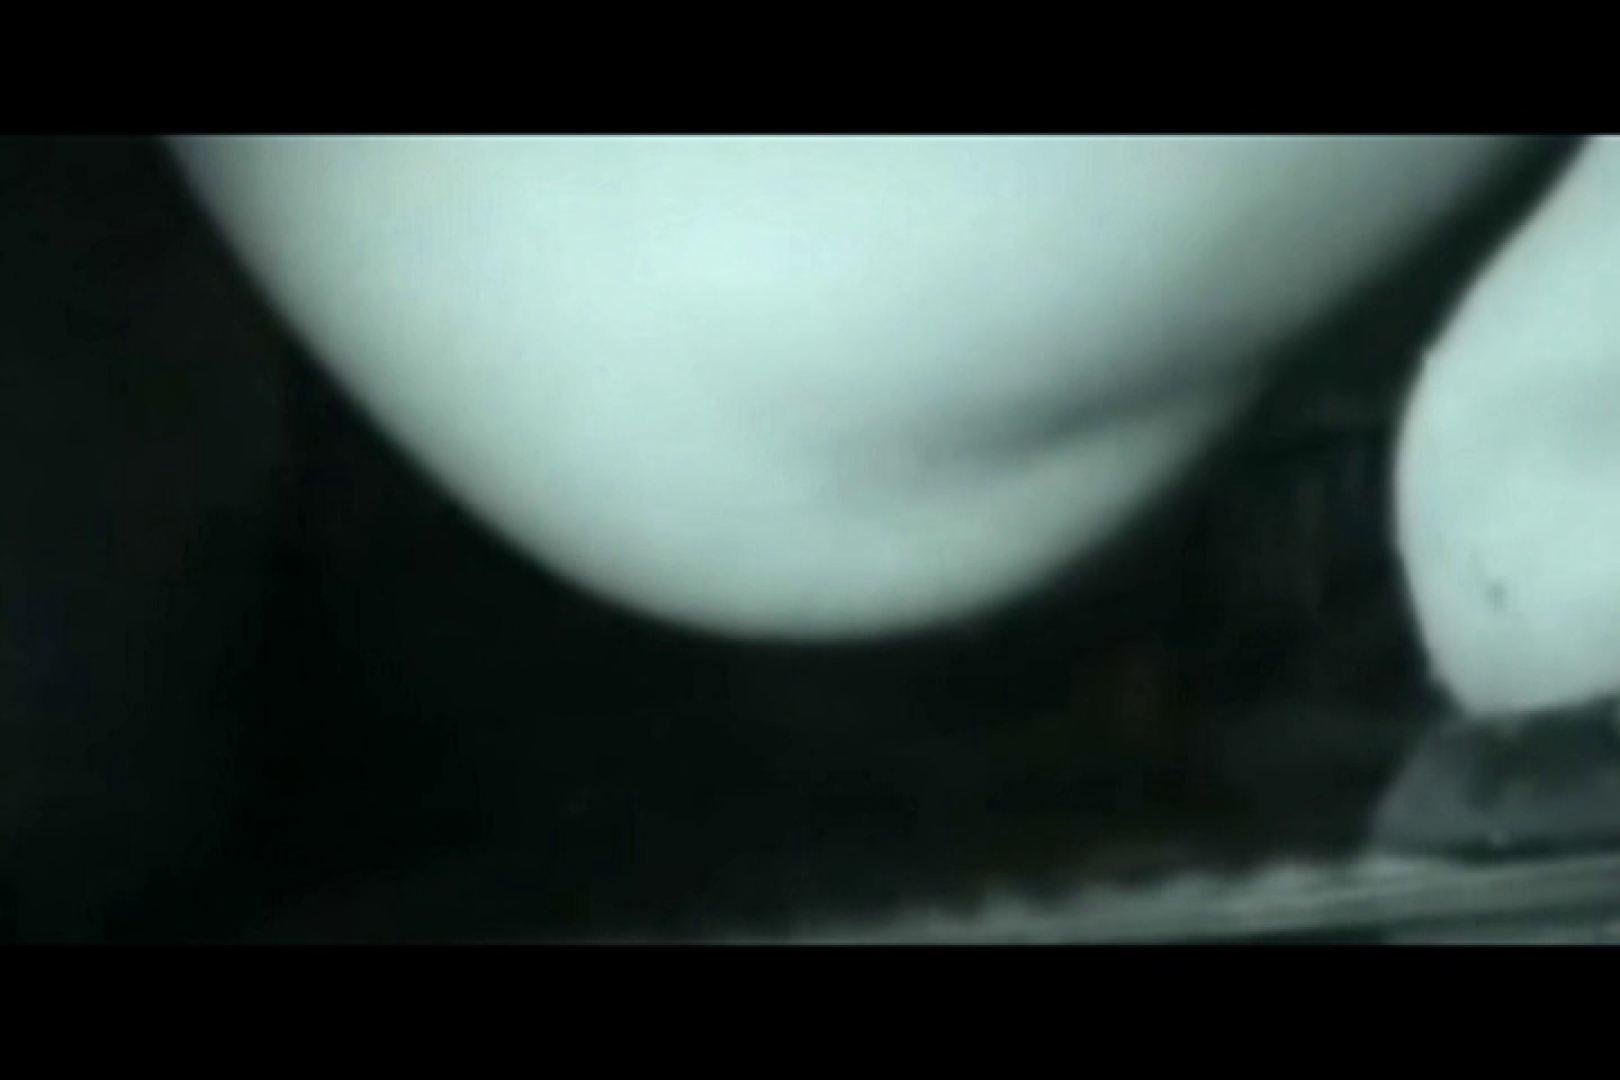 ぼっとん洗面所スペシャルVol.19 洗面所 おめこ無修正画像 87連発 74